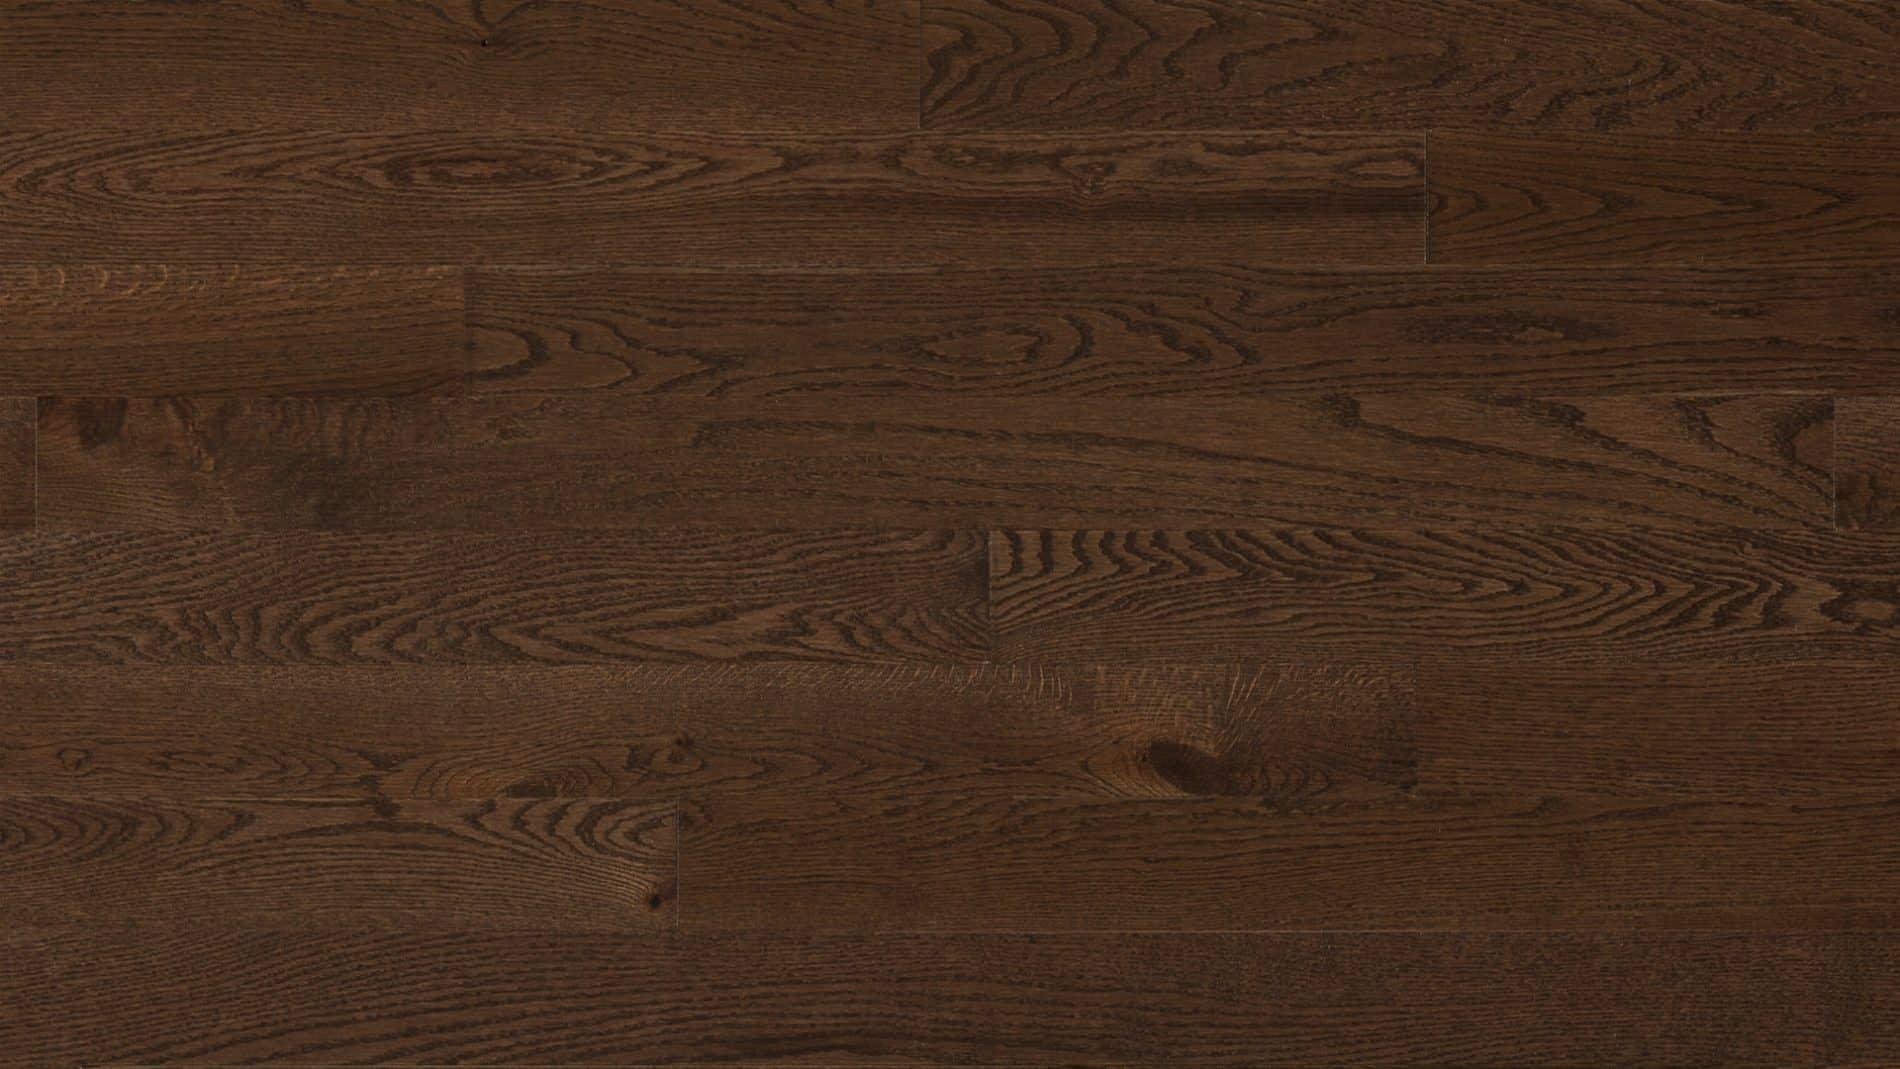 Hardwood floor | Red oak bison